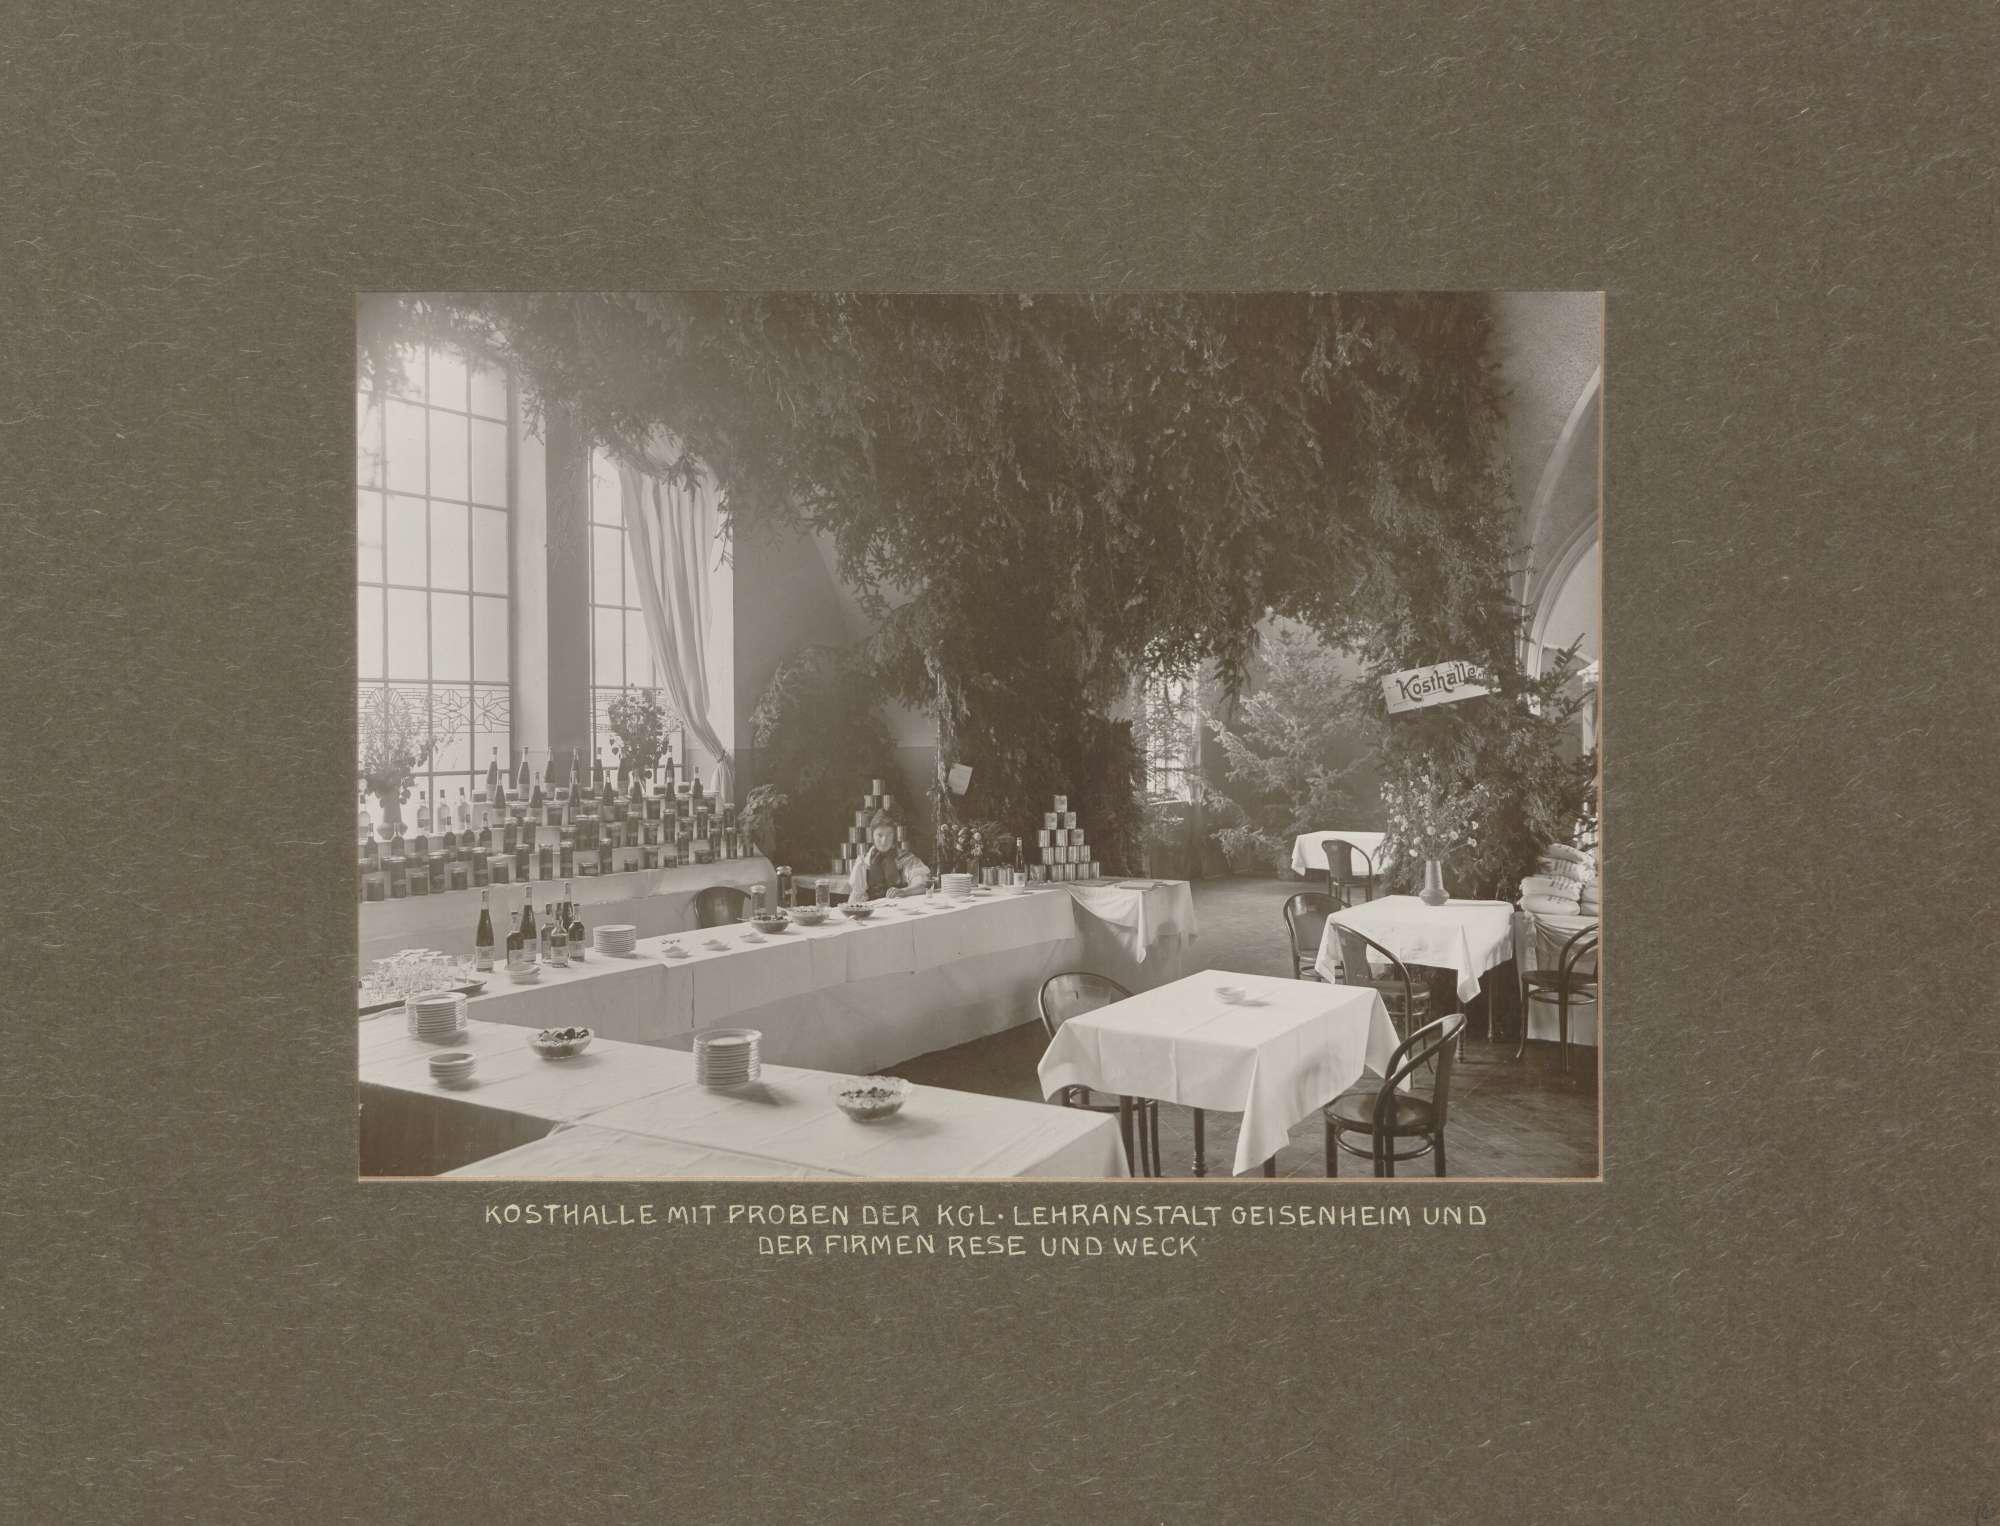 Kosthalle mit Proben der Königlichen Lehranstalt Geisenheim und der Firmen Rese und Weck bei der Internationalen Kunst- und Großen Gartenbauausstellung in Mannheim, Bild 1